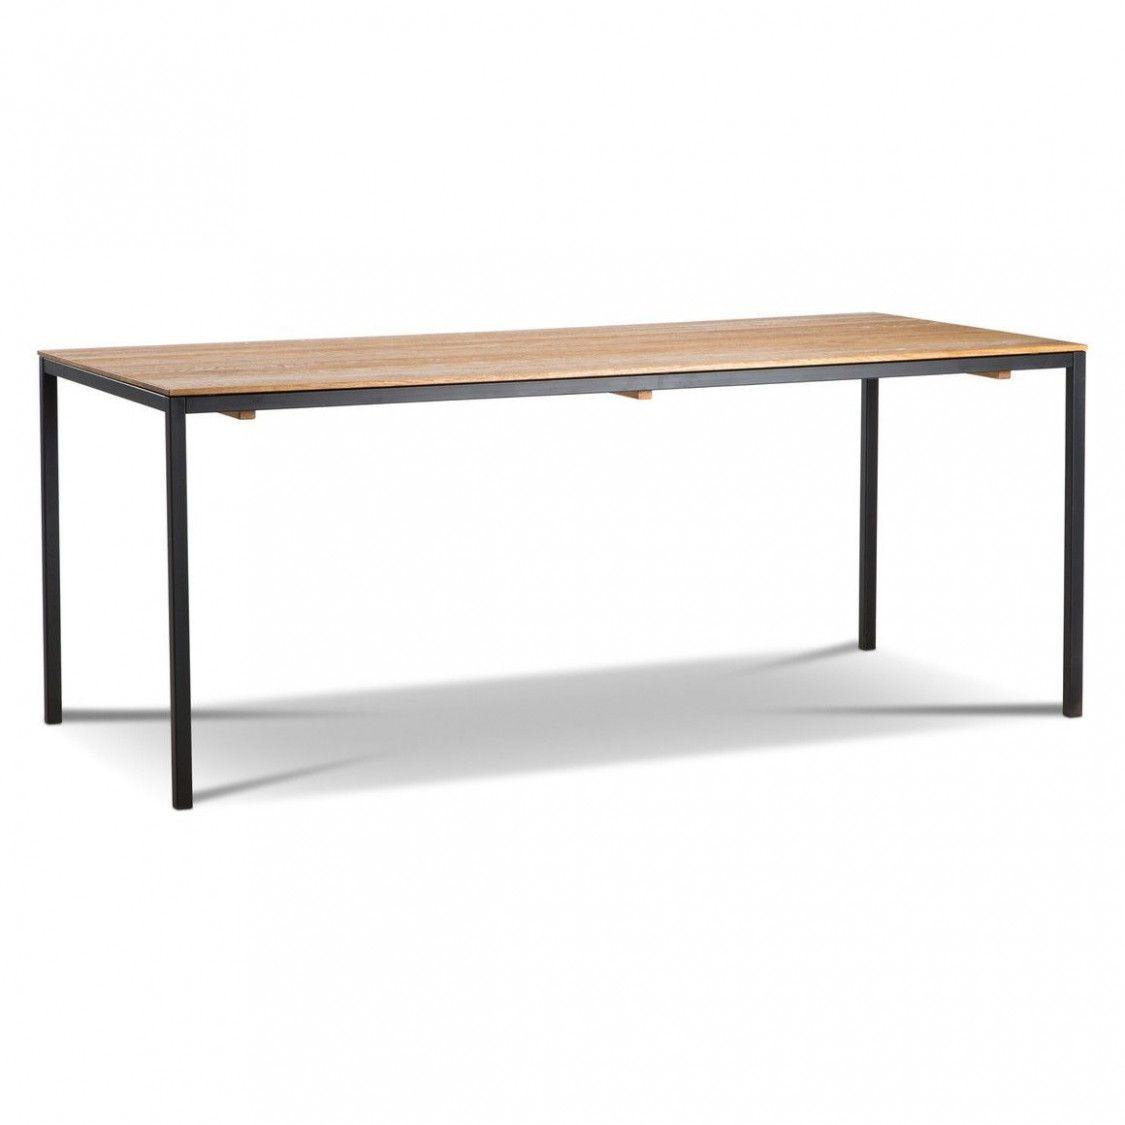 Ideen Esstisch Holz Interio In 2020 Esstisch Holz Esstisch Kuche Tisch